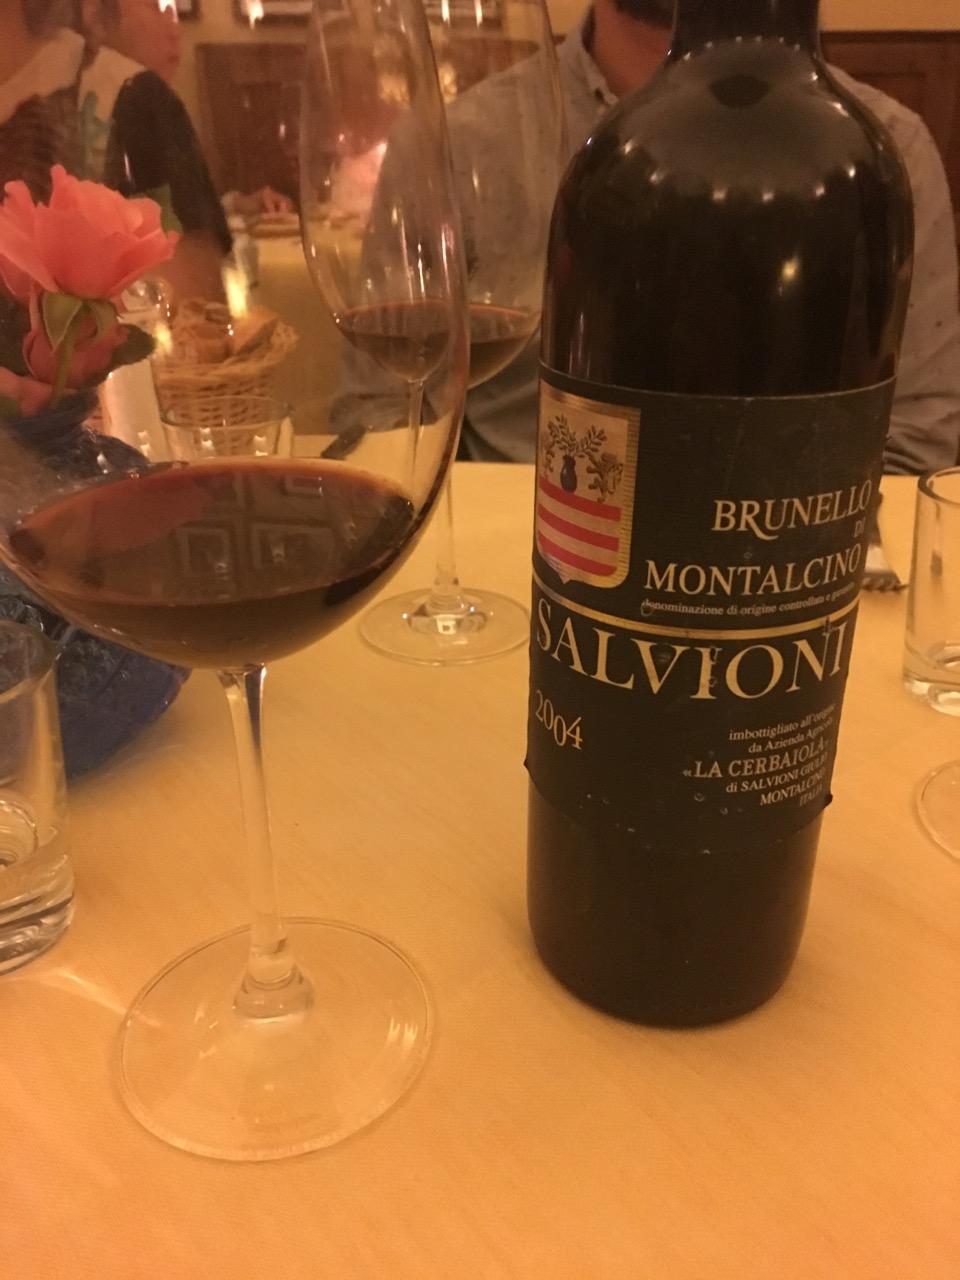 2004 Salvioni, Brunello di Montalcino